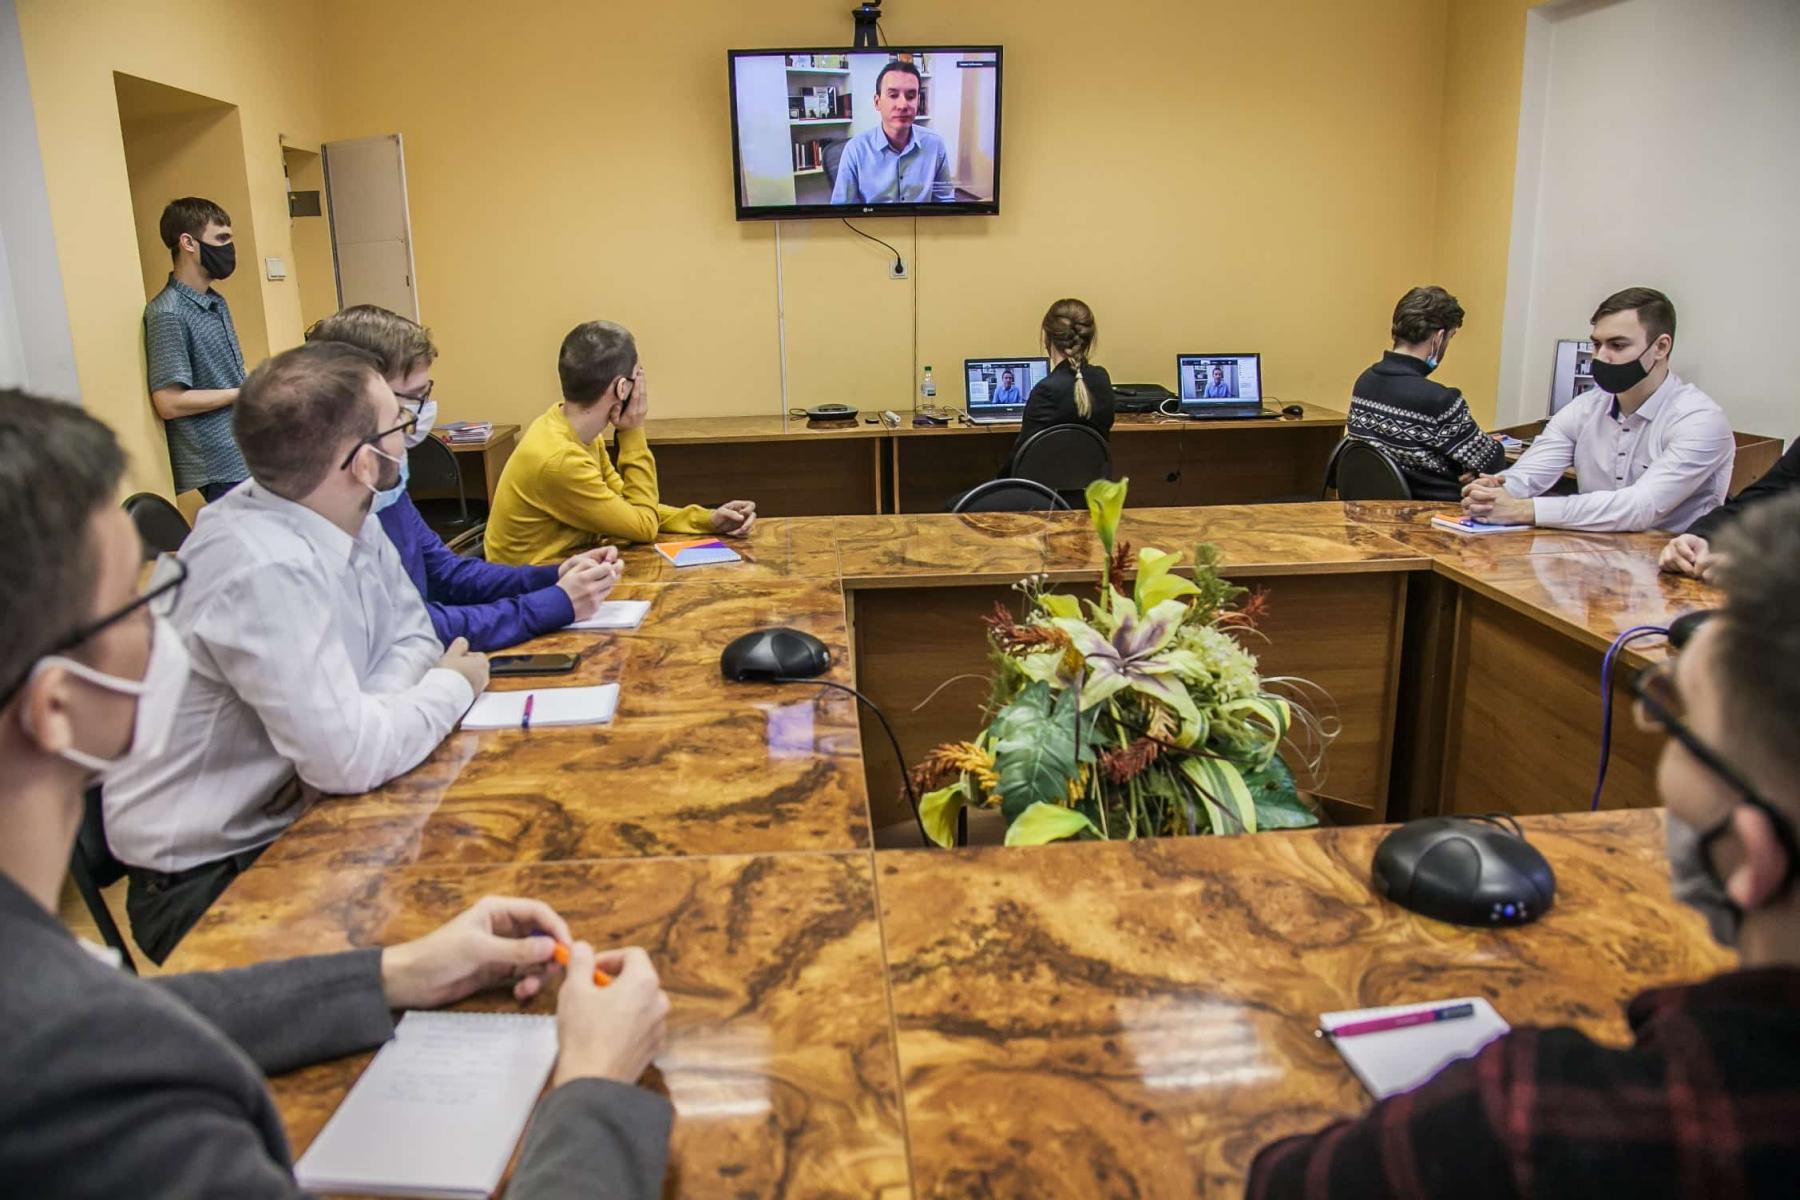 фото Цифровая эволюция: топ-менеджер «Ростелекома» рассказал новосибирским студентам о технологических трендах 2